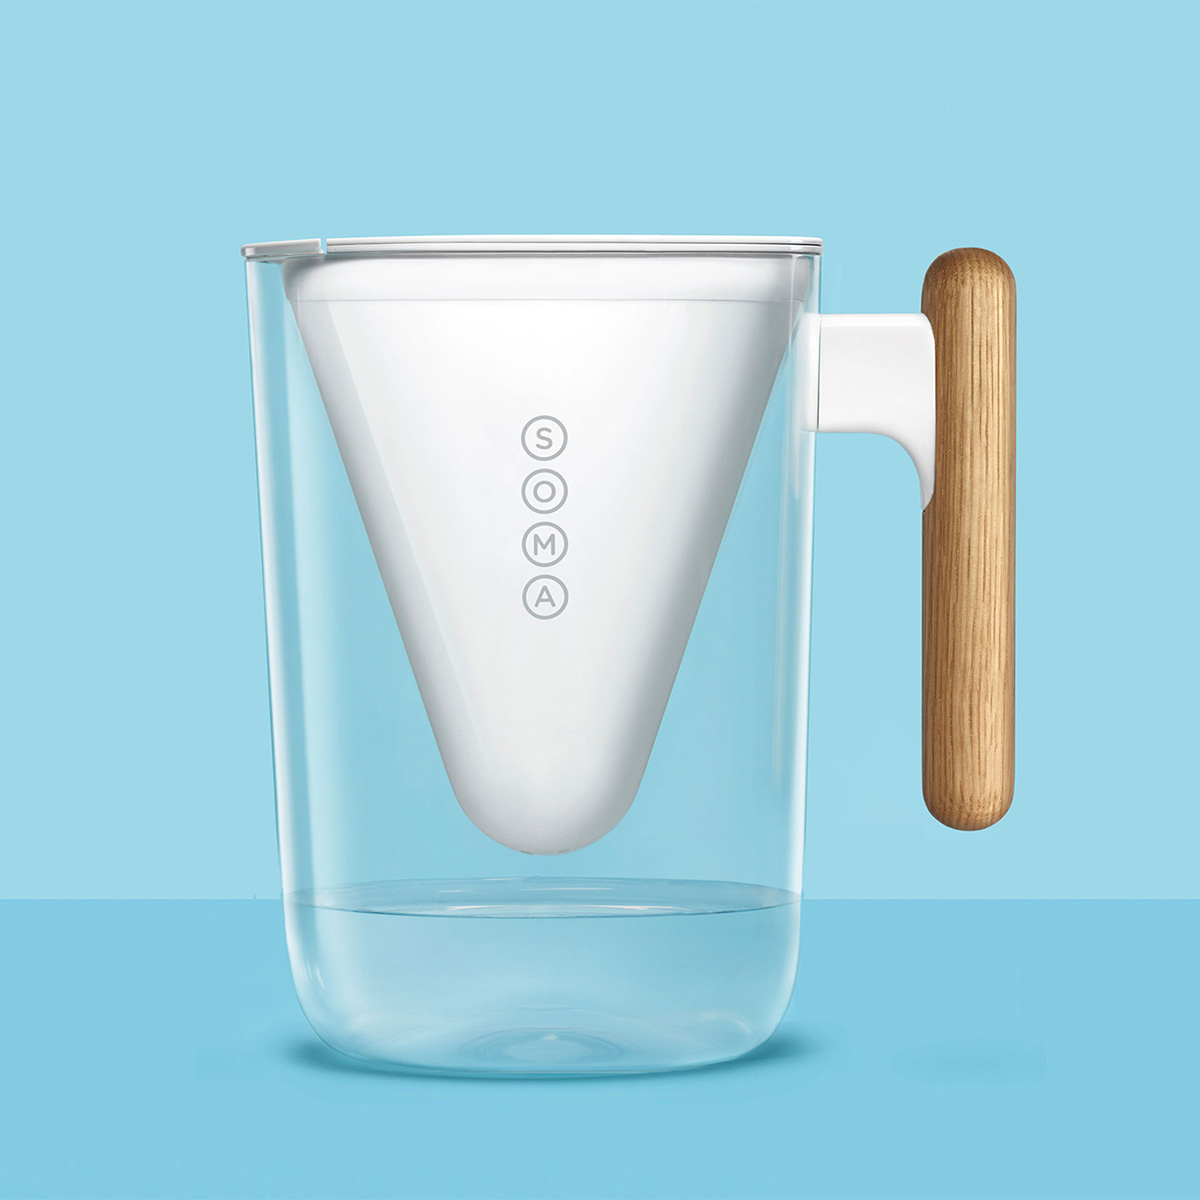 Filtr na vodu Pitcher – 6-cup (1.3 l)